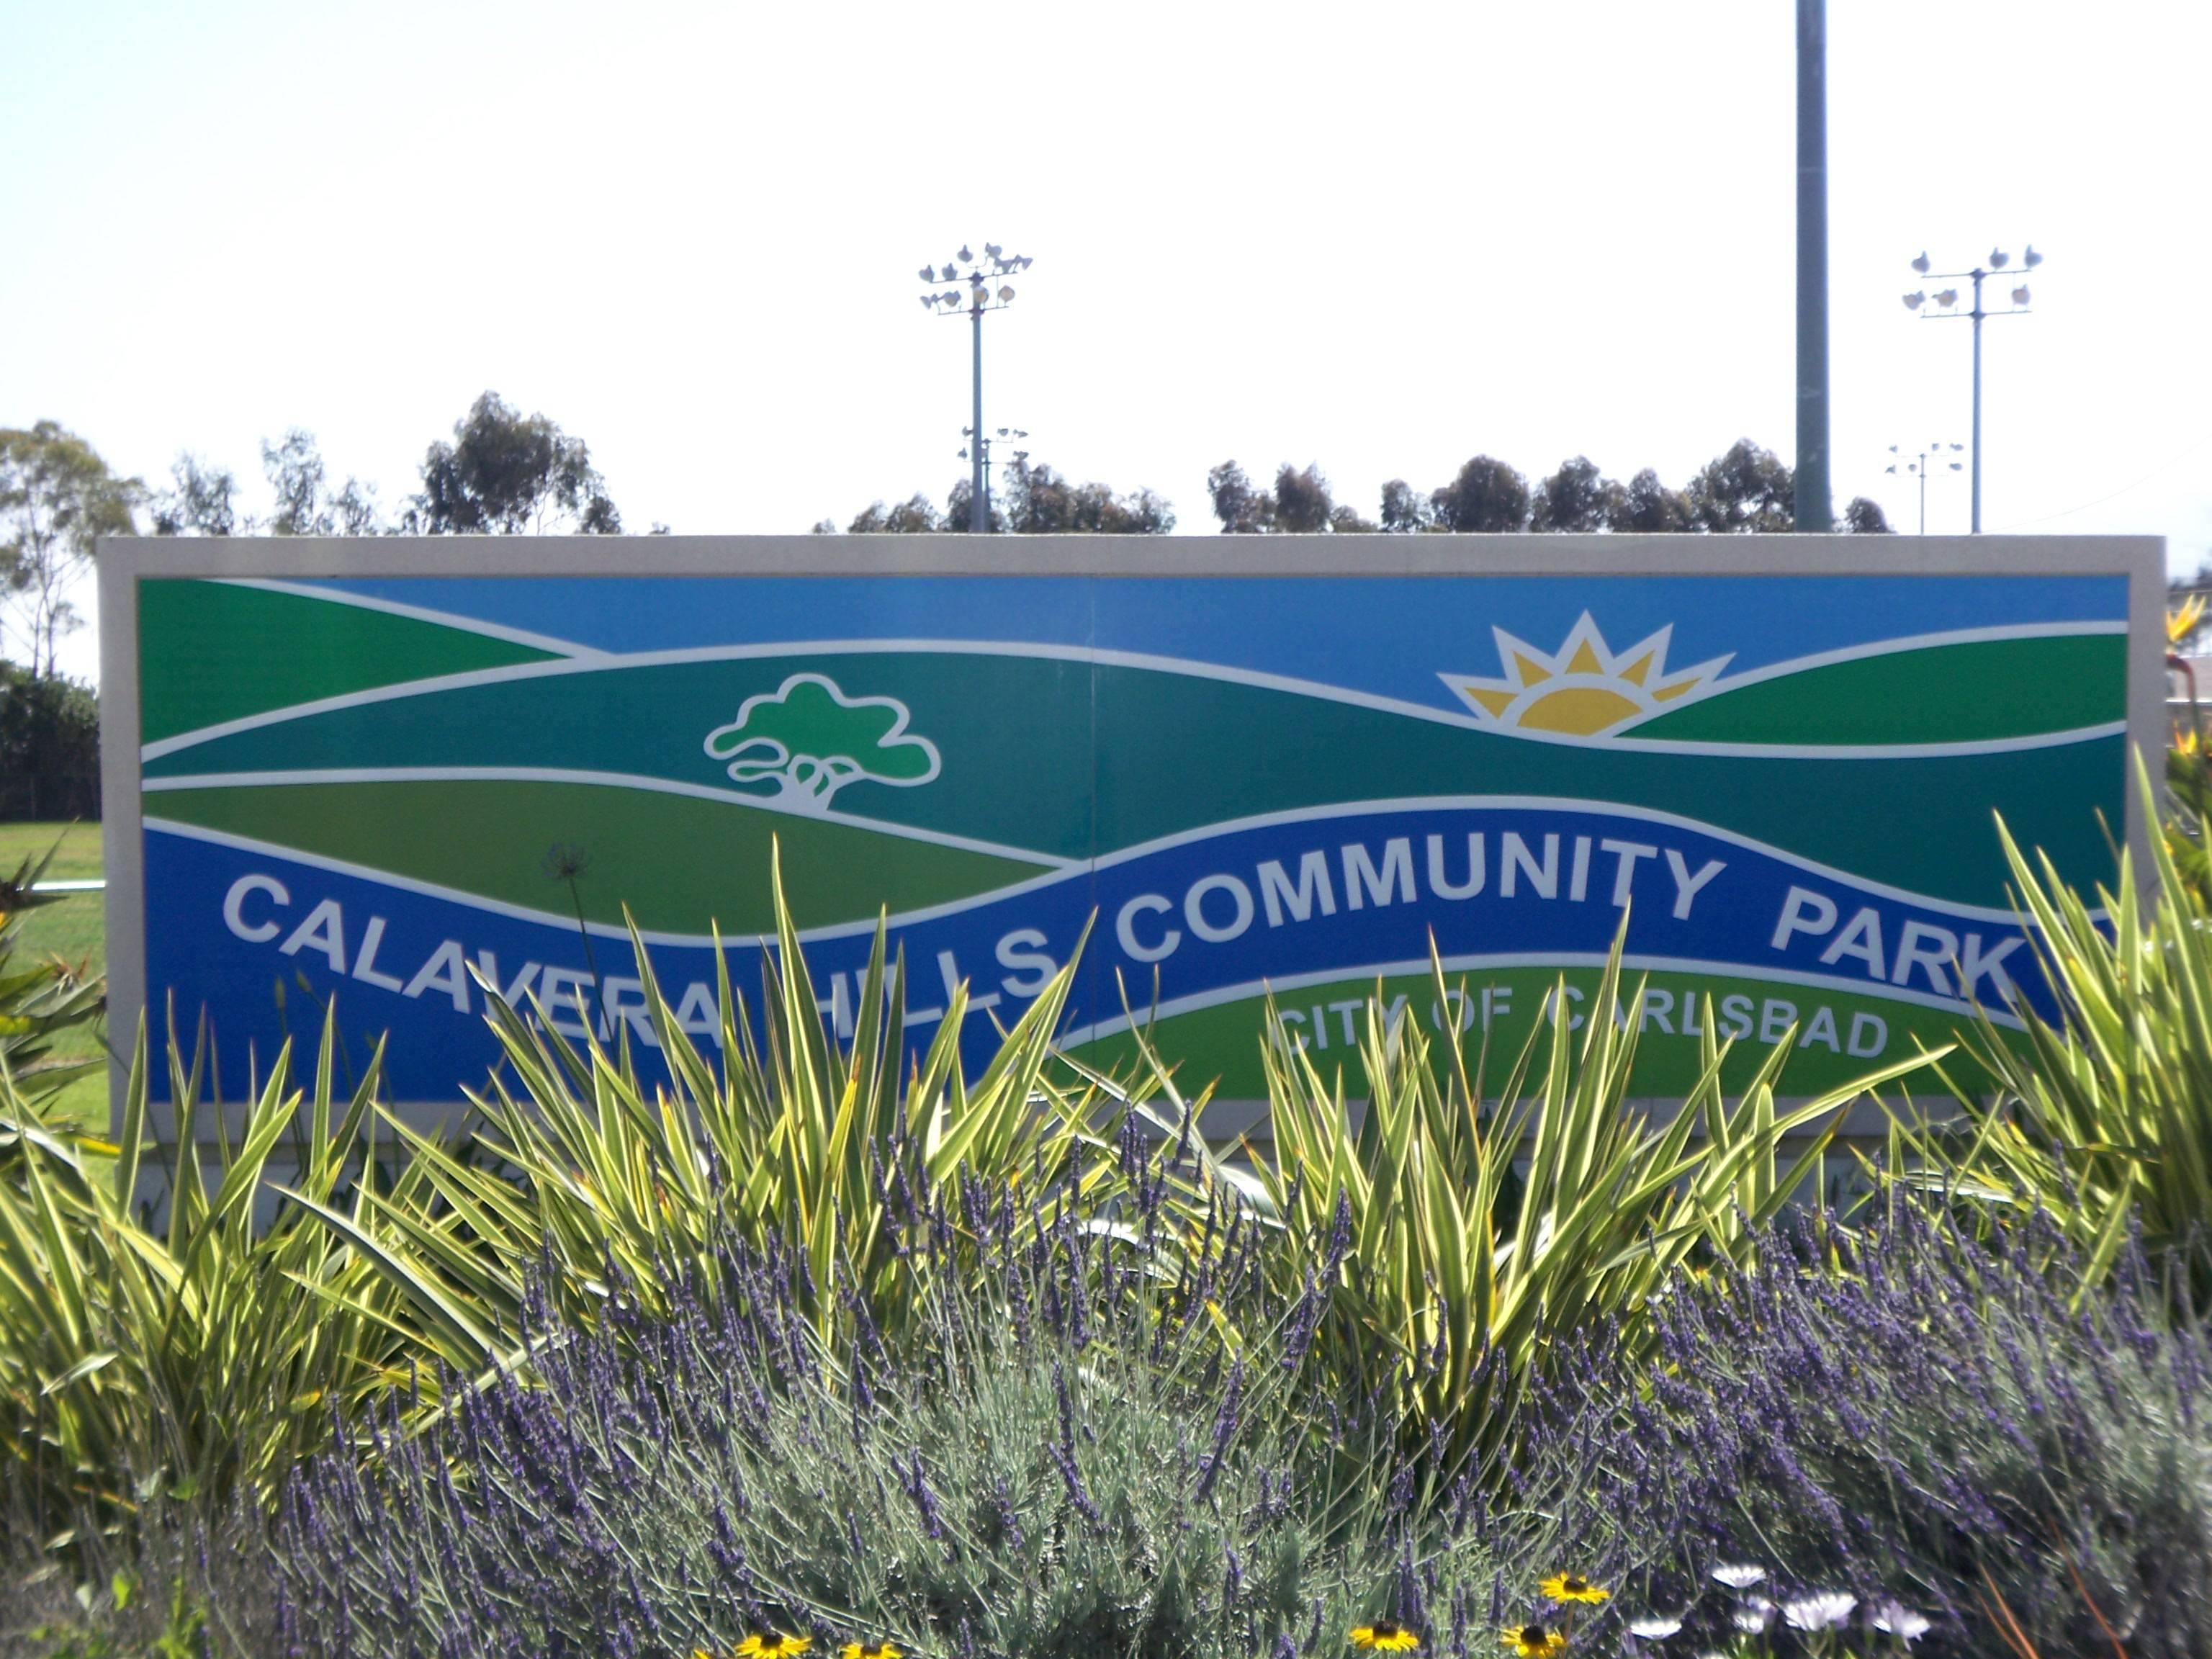 Calavera Hills Community Park